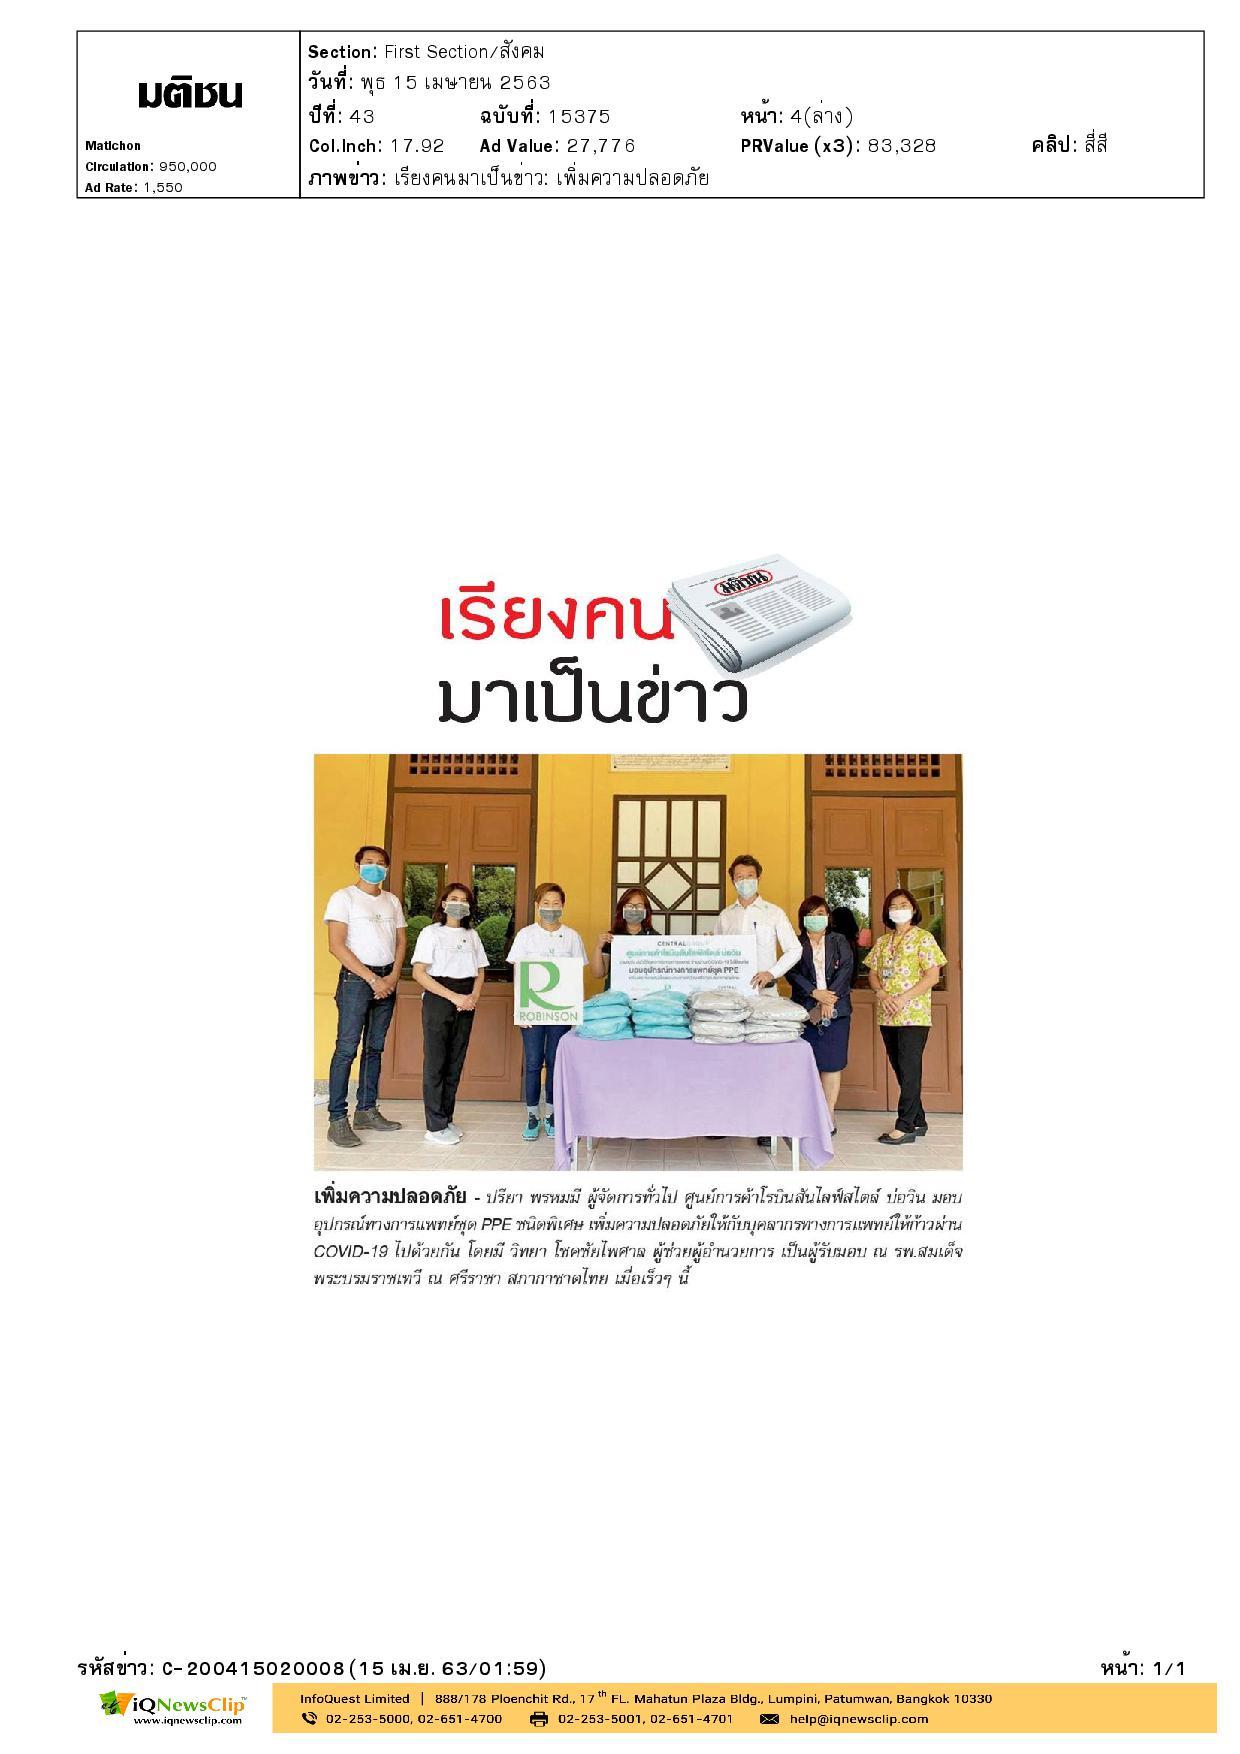 มอบชุด PPE ชนิดพิเศษ ให้ รพ.สมเด็จฯ เพื่อสู้ภัยโควิด-19